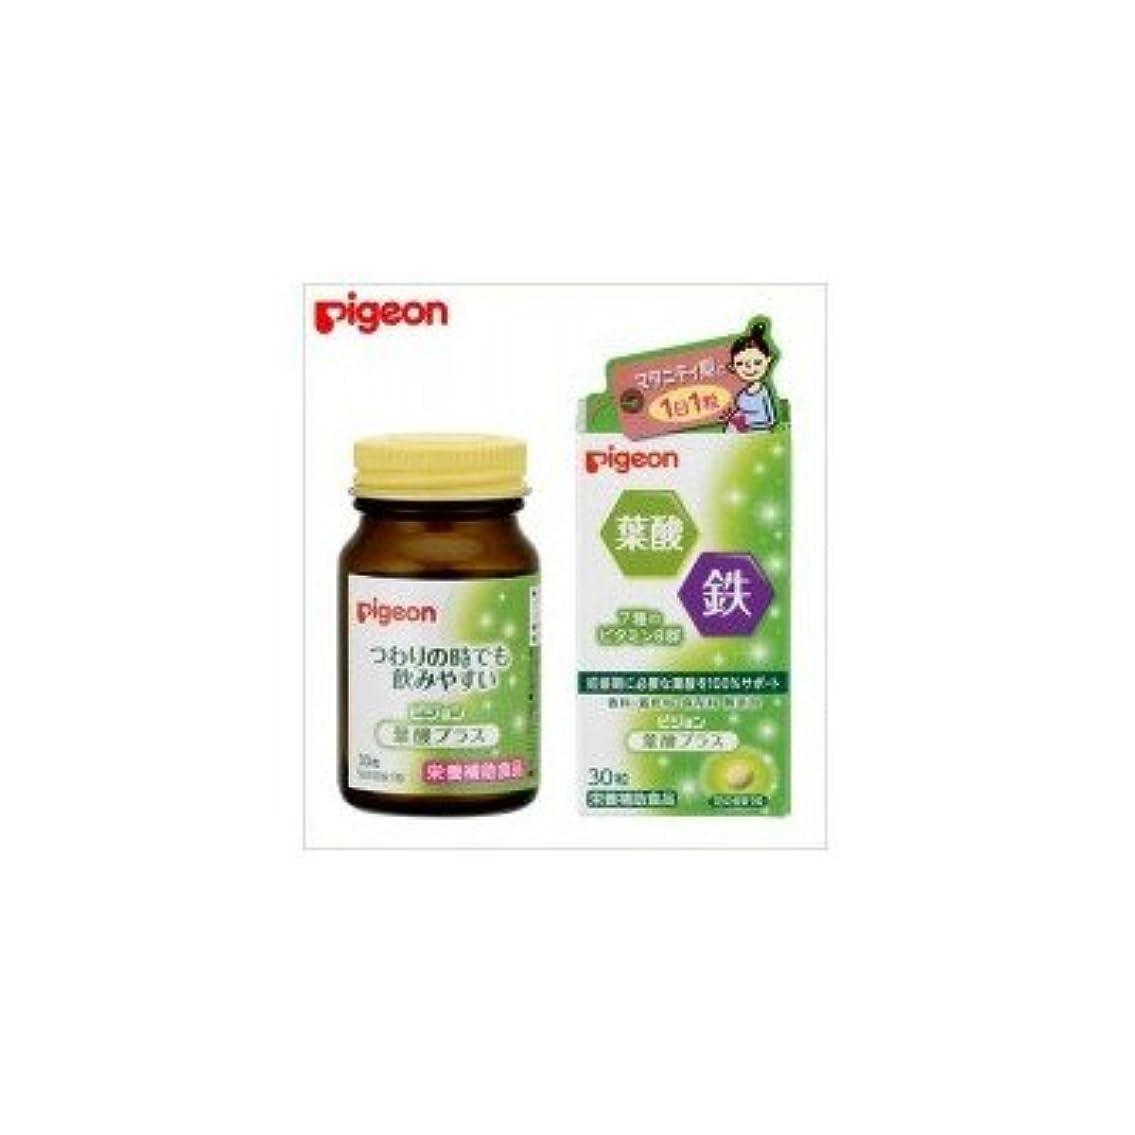 フィクション宿落ち着いてPigeon(ピジョン) サプリメント 栄養補助食品 葉酸プラス 30粒(錠剤) 20390